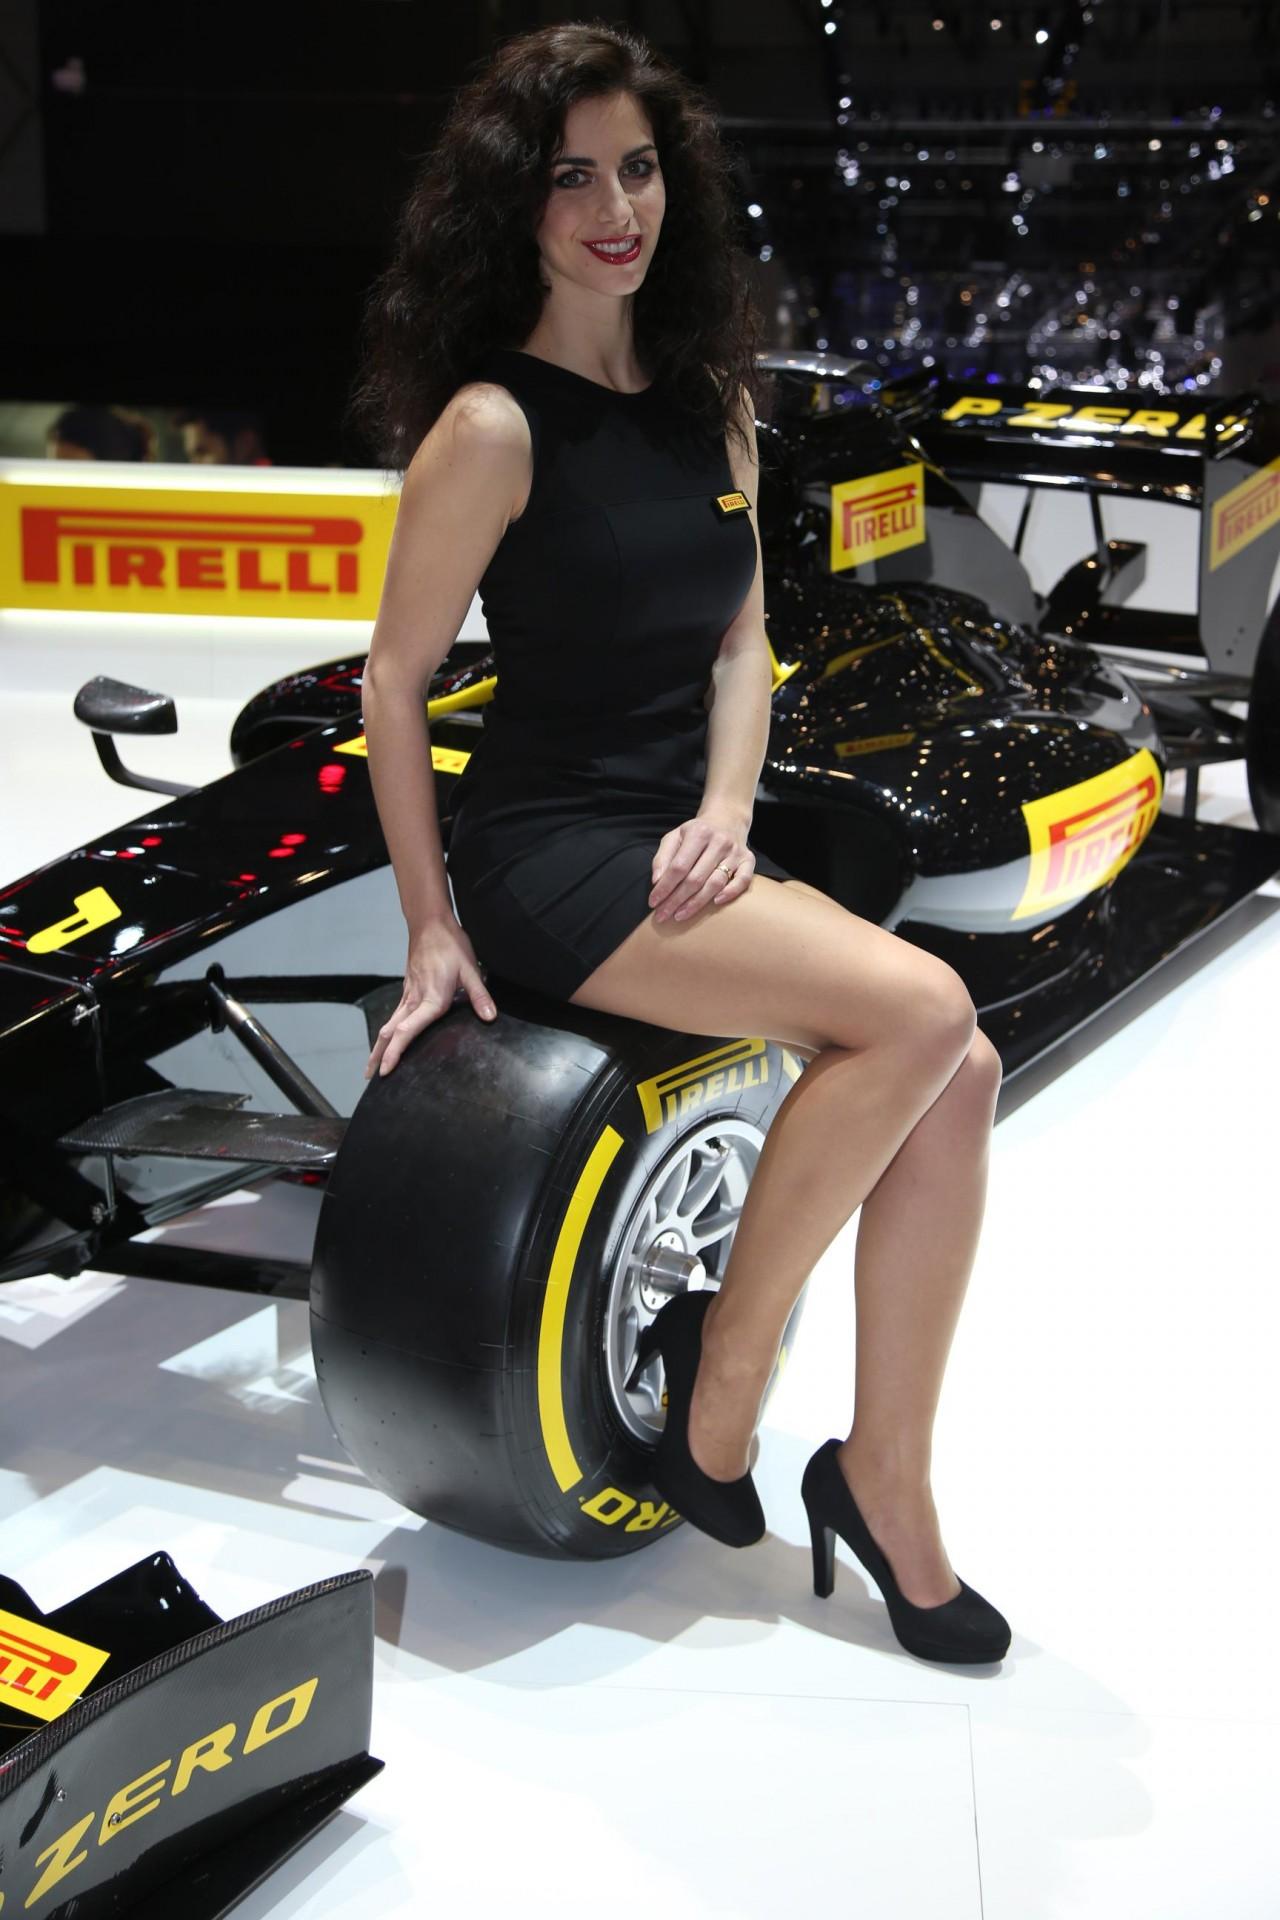 2016 geneva motor show highlights mega gallery - Geneva motor show ...